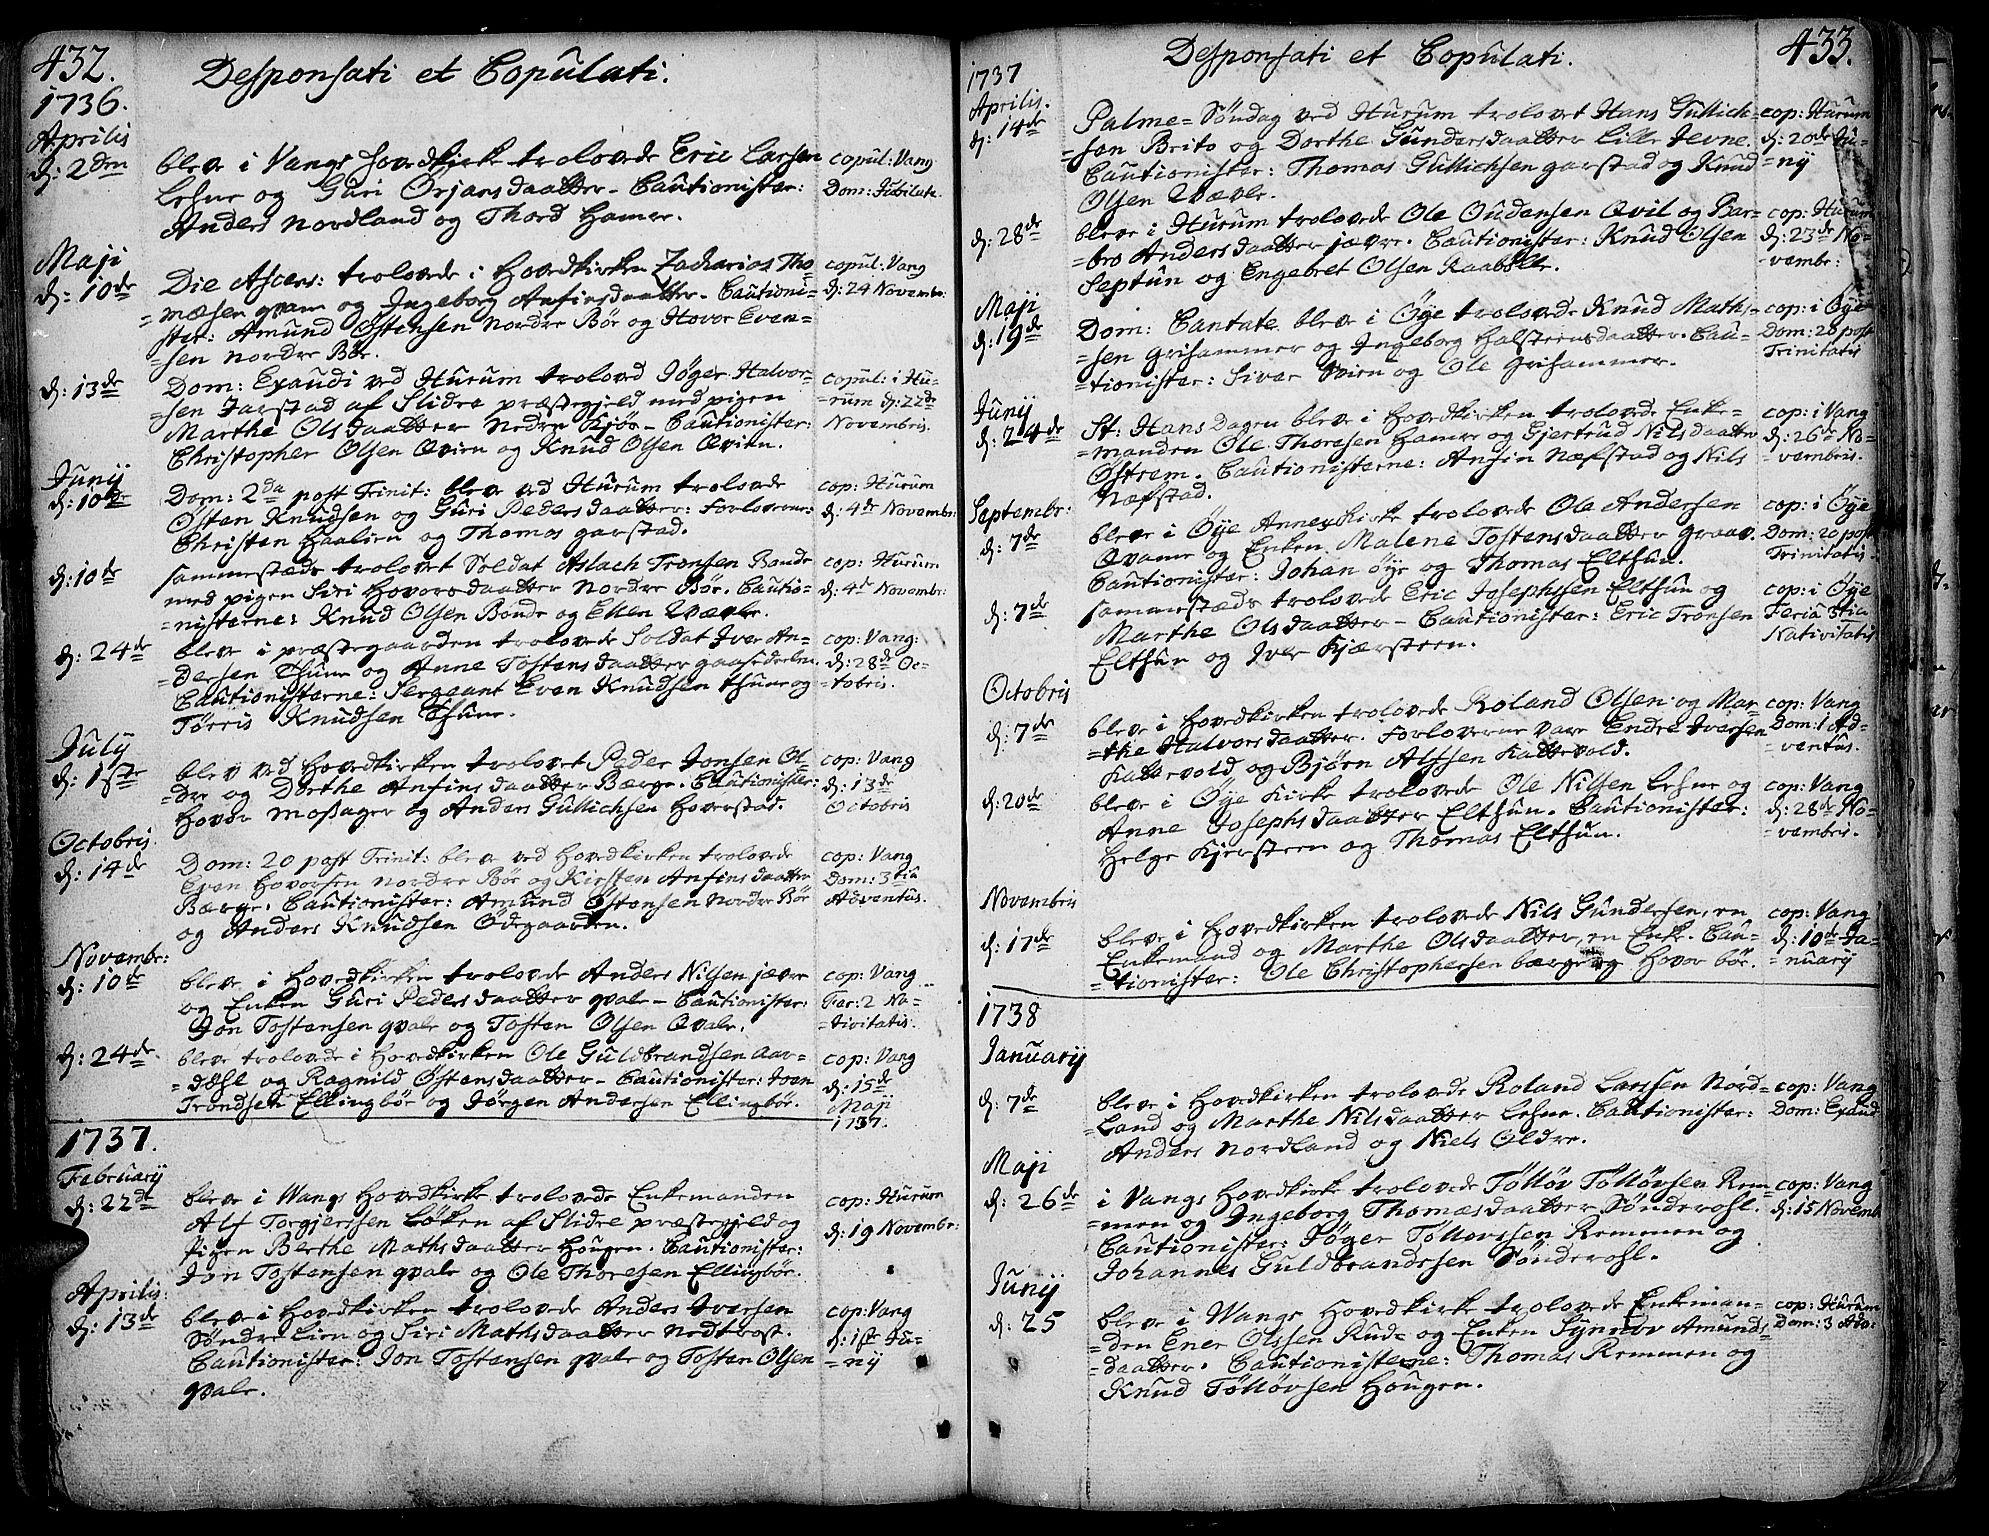 SAH, Vang prestekontor, Valdres, Ministerialbok nr. 1, 1730-1796, s. 432-433